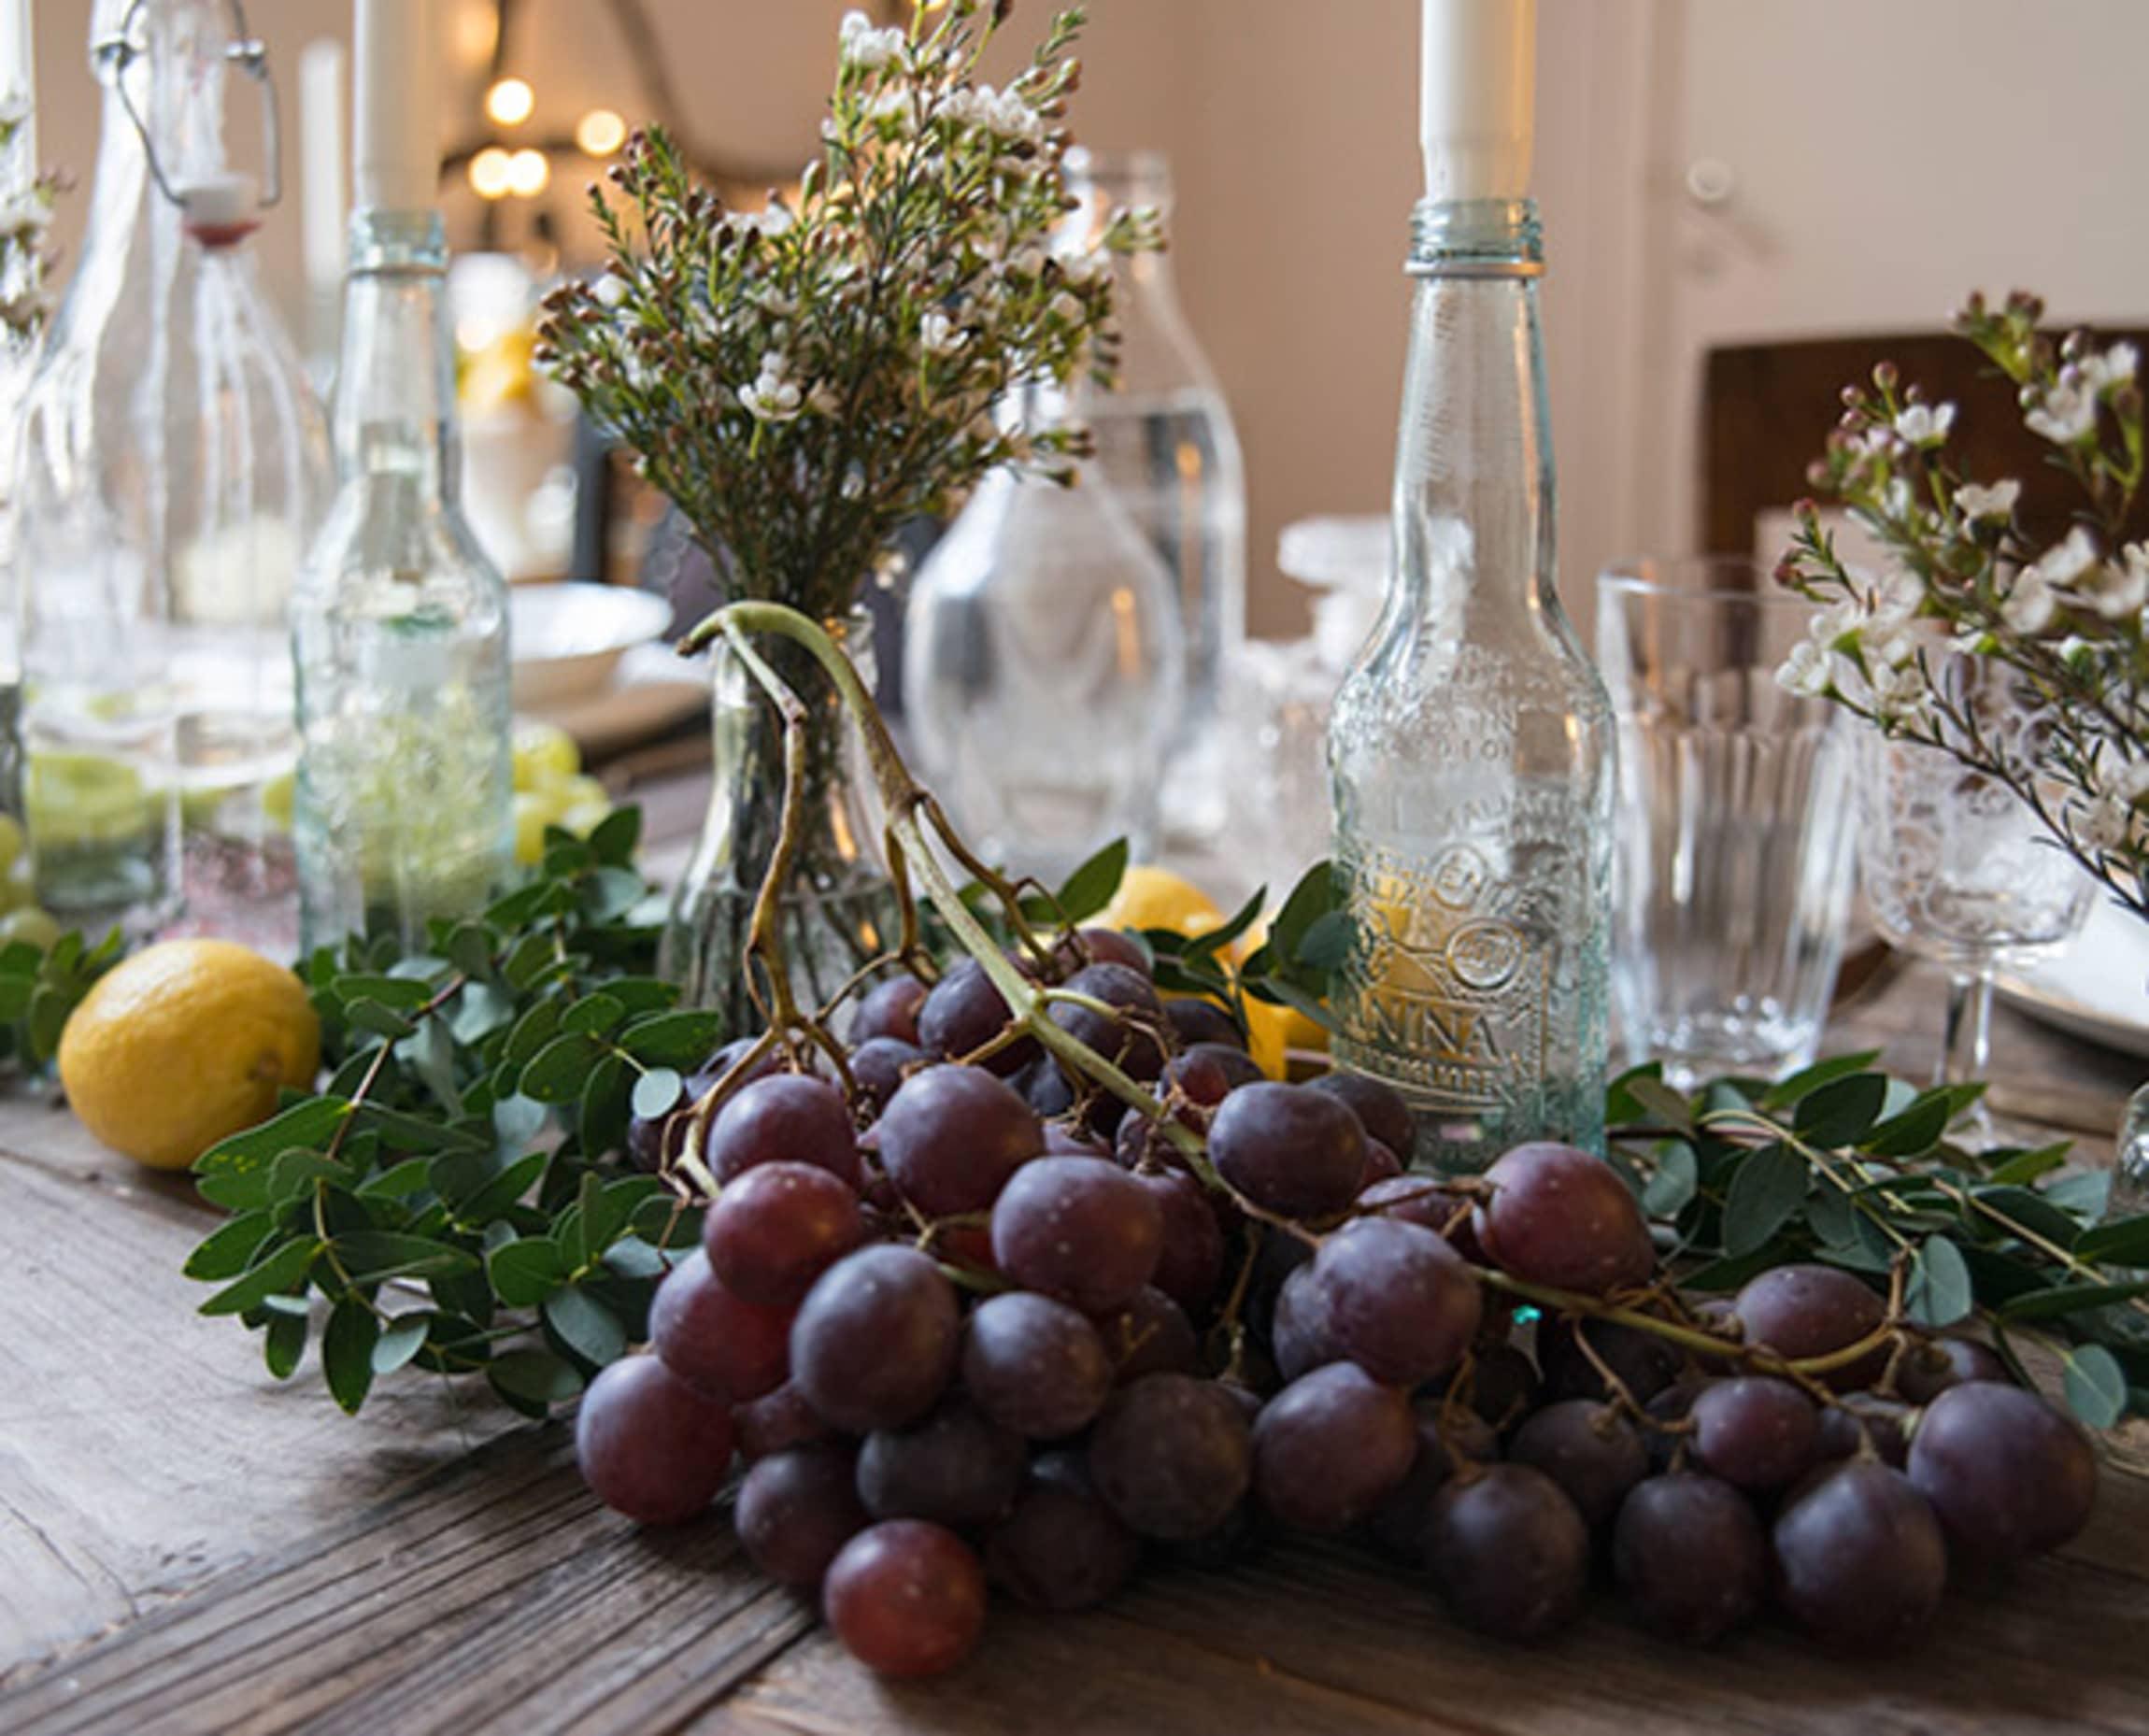 Druer er dekorativt og holder godt i romtemperatur